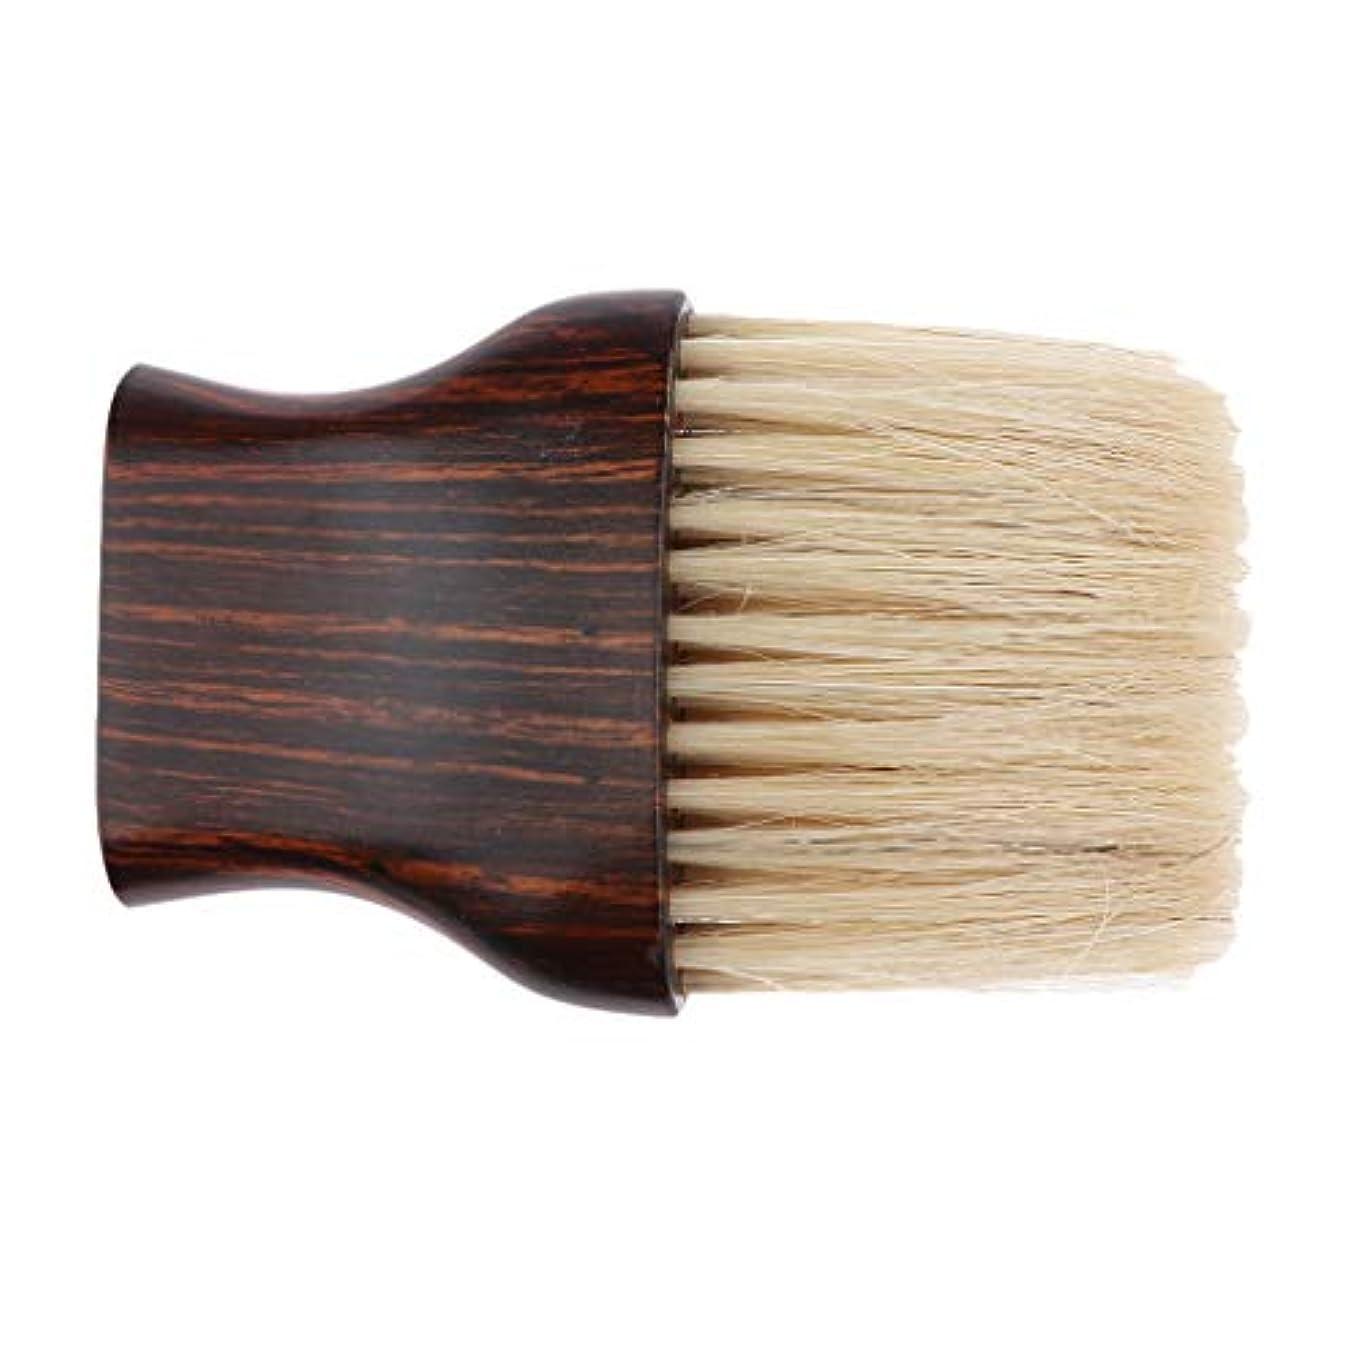 リムタウポ湖寸前Perfeclan ヘアブラシ 毛払いブラシ 木製ハンドル 散髪 髪切り 散髪用ツール 理髪店 美容院 ソフトブラシ